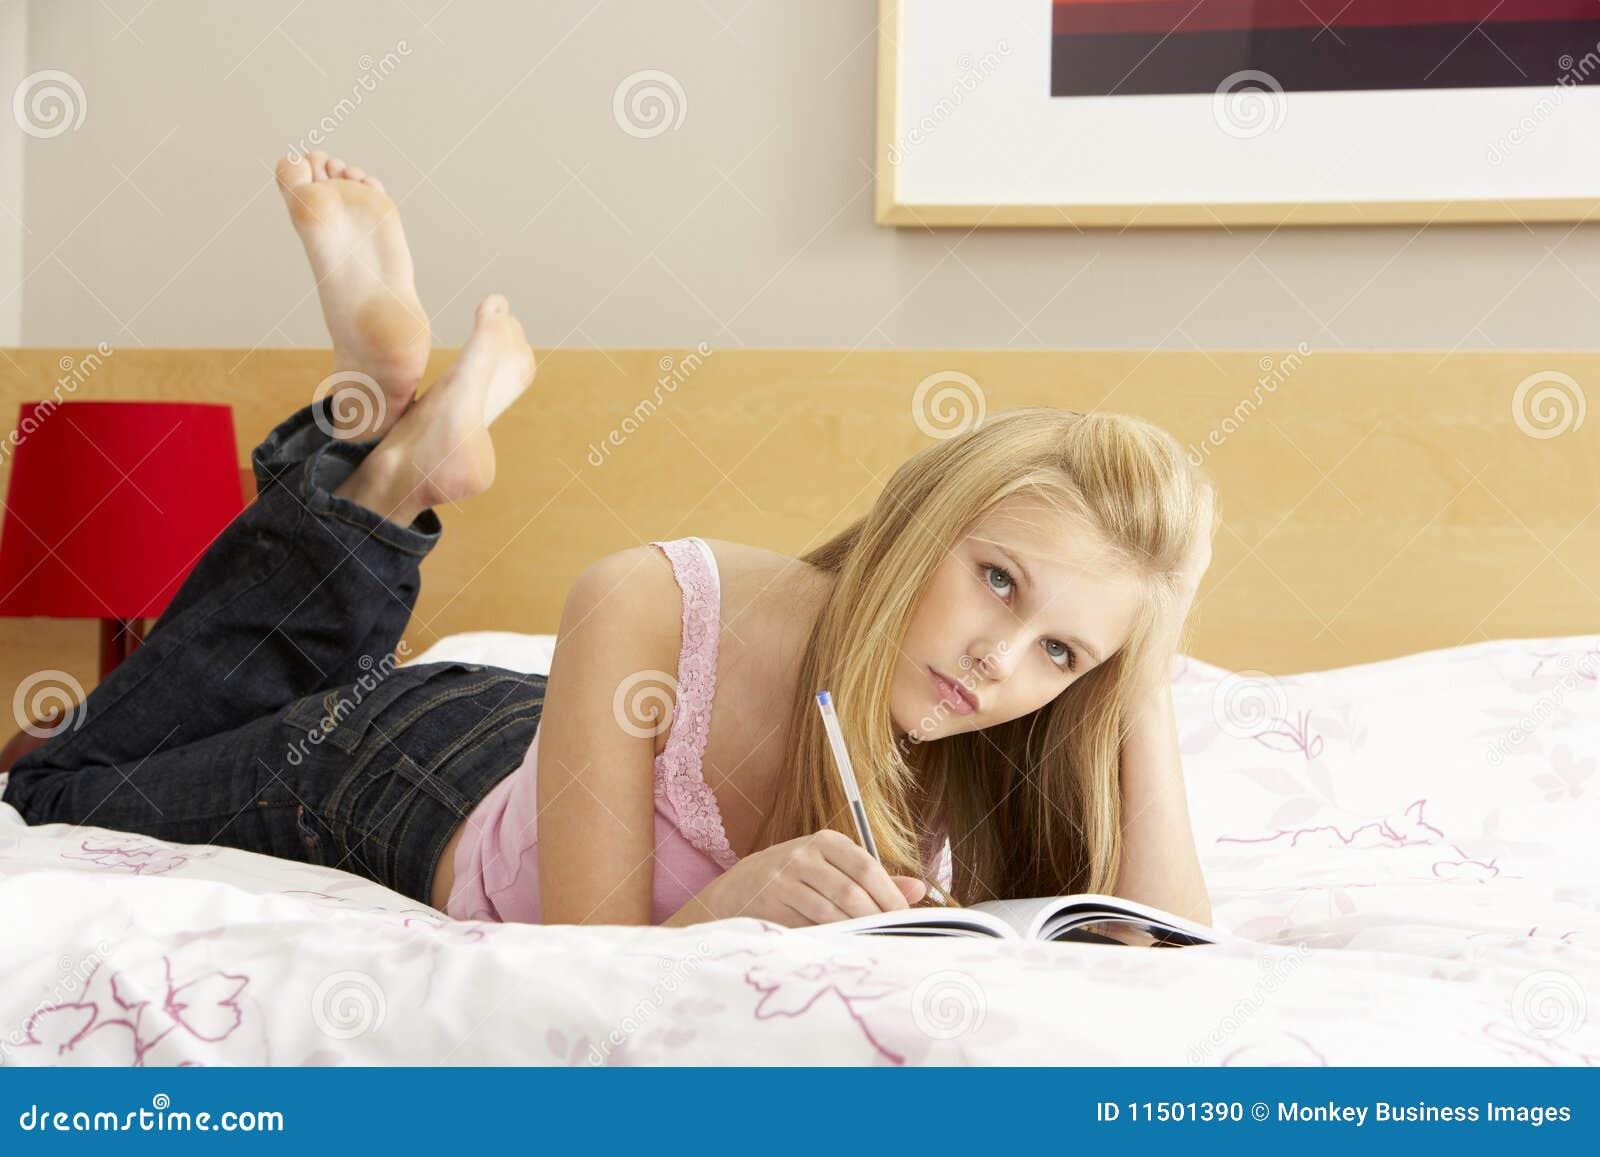 Смотреть как писают девочки фото 1 фотография